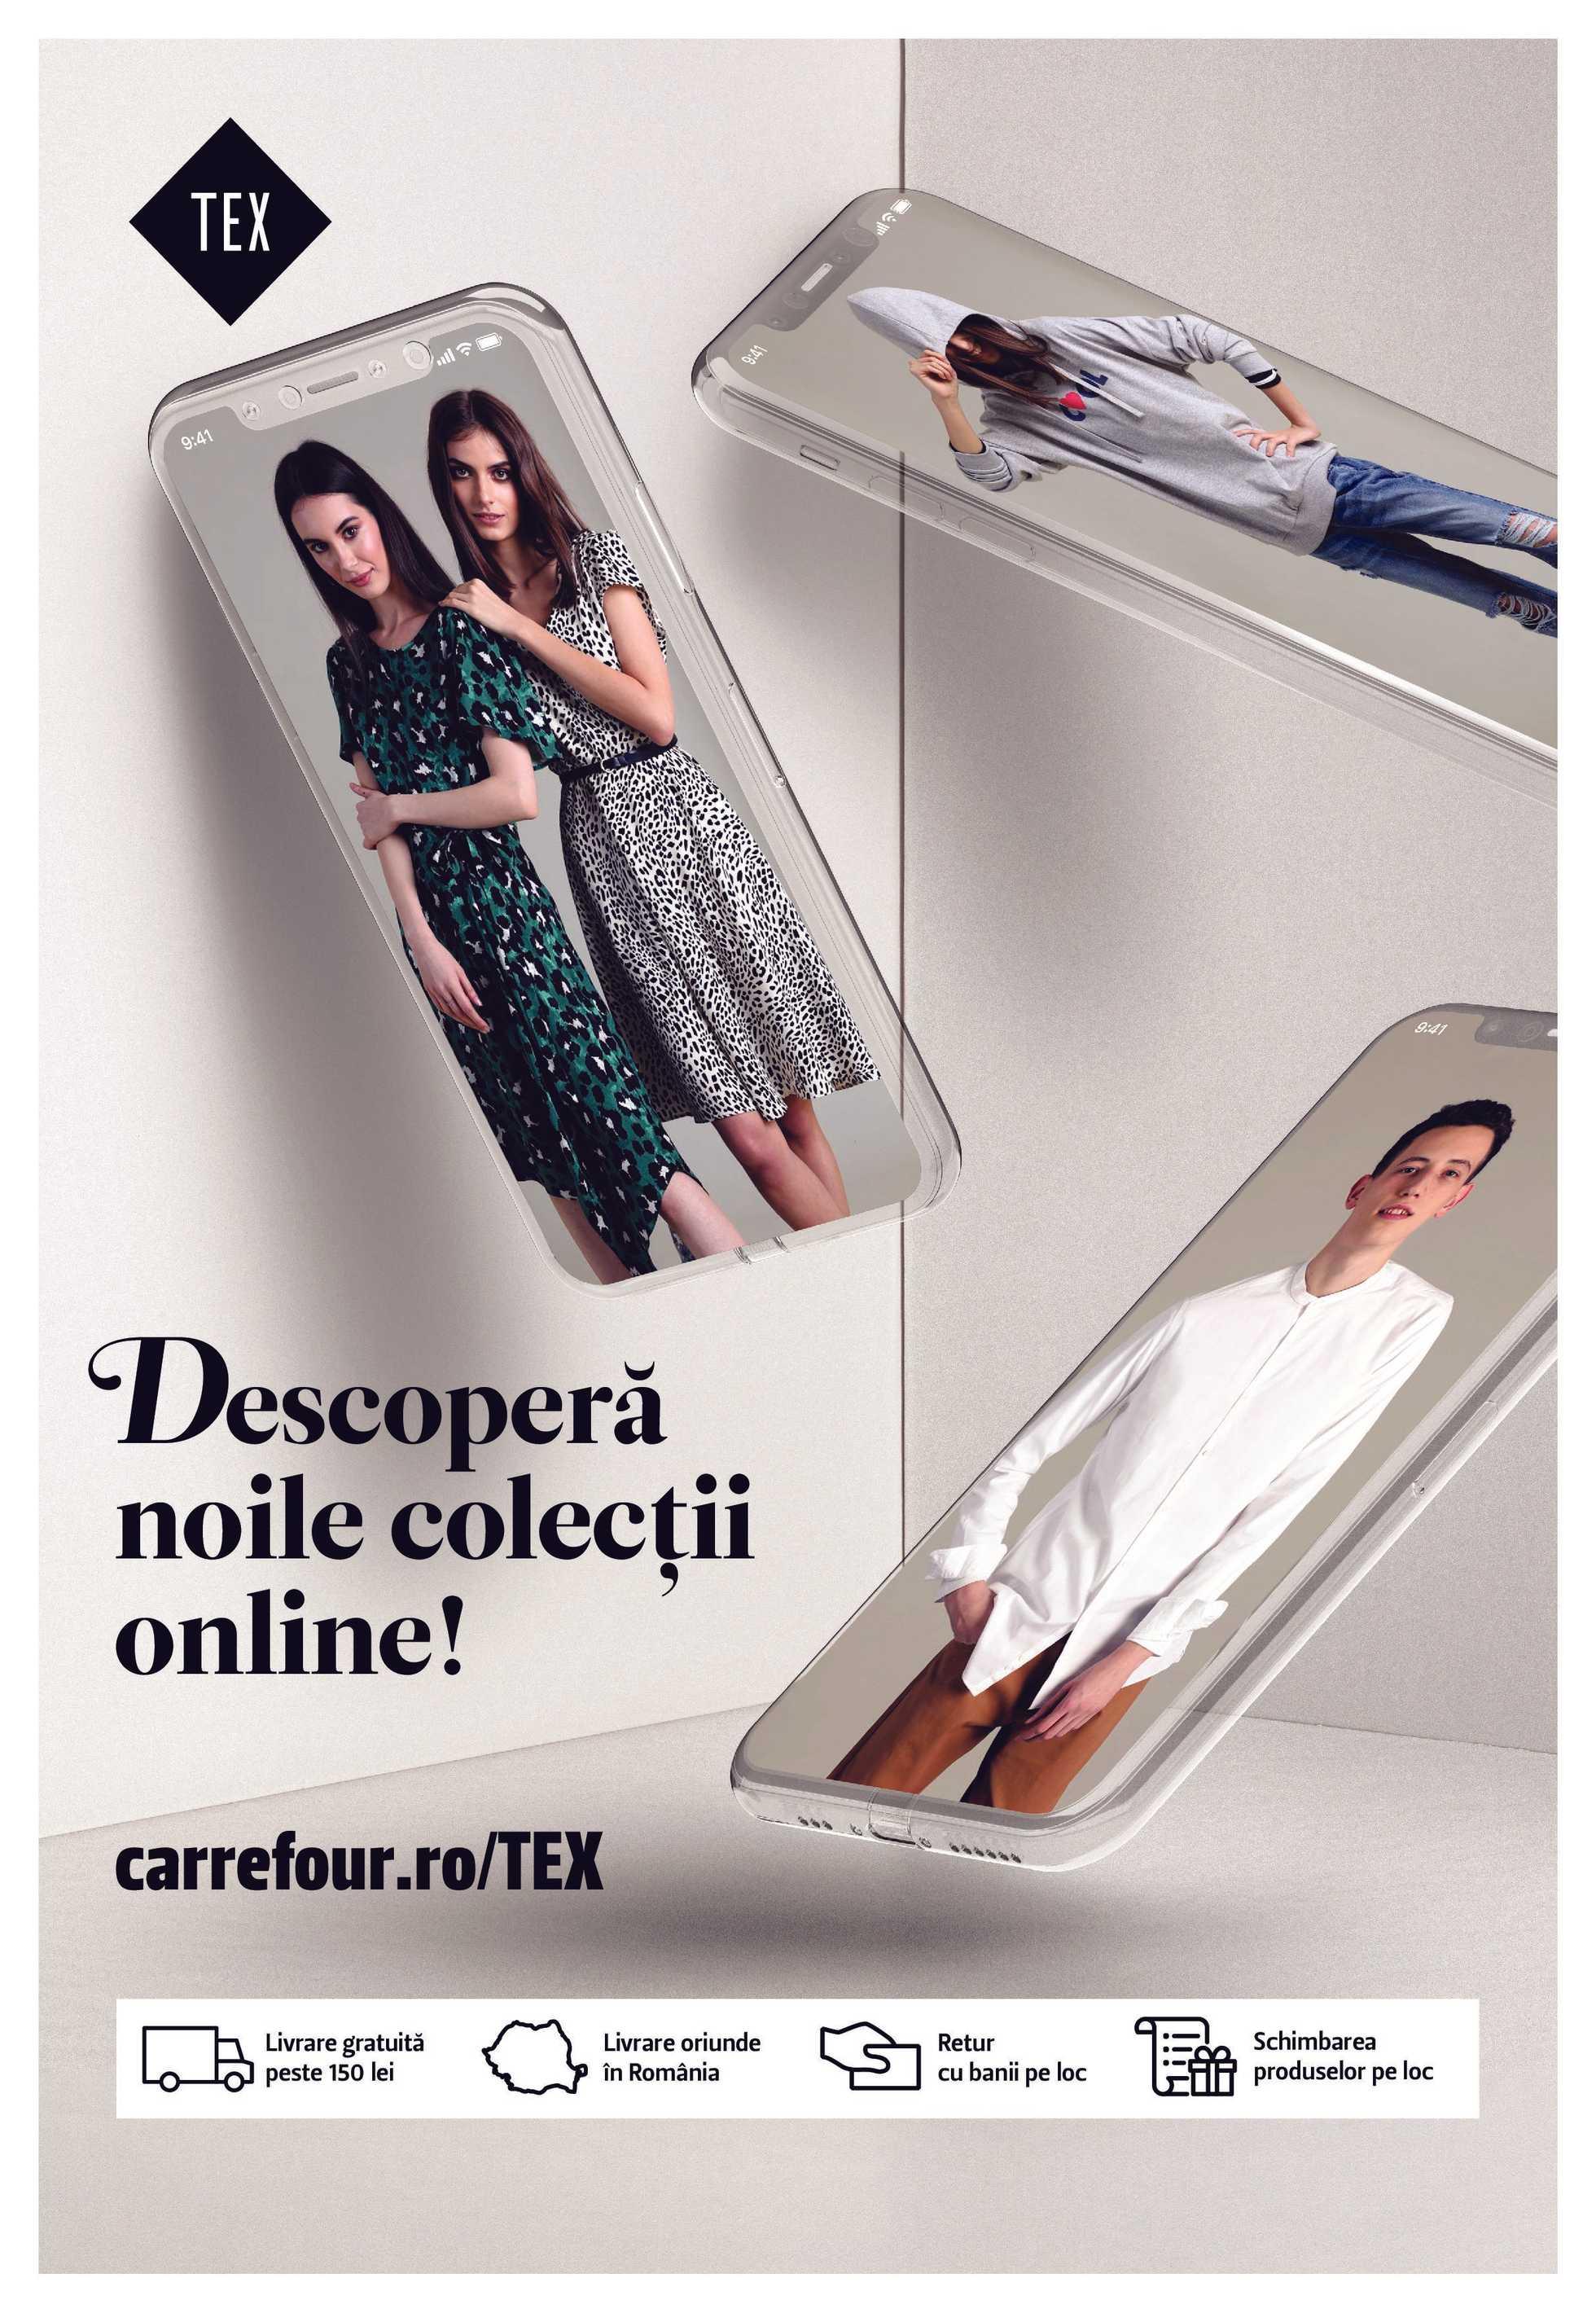 Carrefour - promo începând de la 27.02.2020 până la 29.04.2020 - pagină 2.